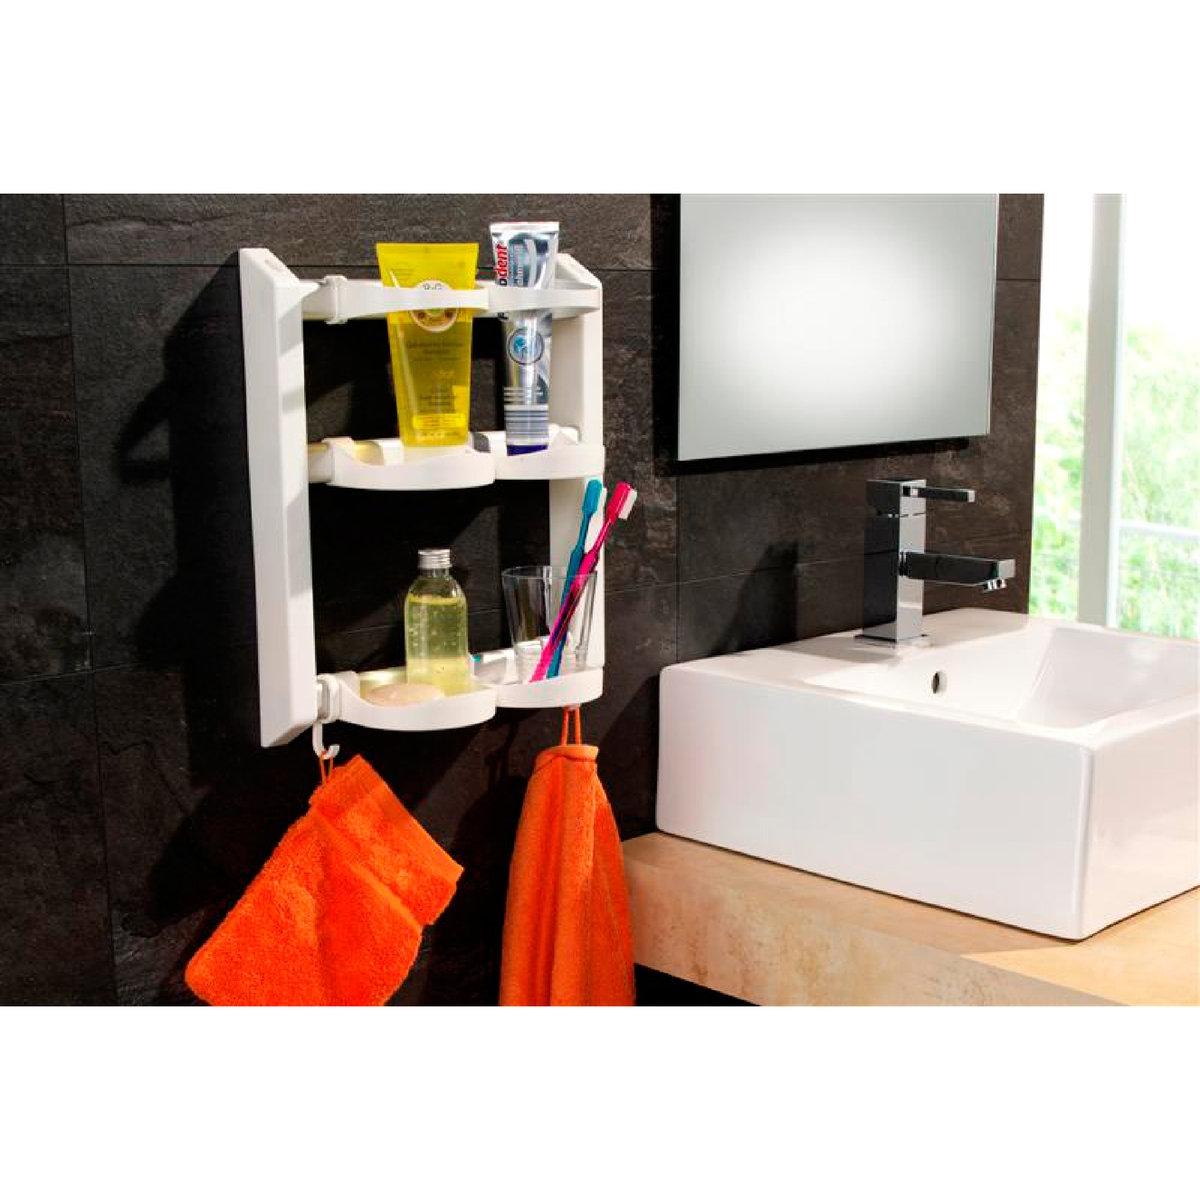 Этажерка для ванной модульная, Ar?gloХарактеристики модульной этажерки для ванной, Ar?glo:4 отделения.2 полки для флаконов с гелем и 2 подставки.2 крючка для банных рукавиц.Подвешивается или крепится к стене.Каркас из пластика и алюминия с покрытием от ржавчины.Найдите другие предметы мебели для хранения на сайте laredoute.ru.Размеры модульной этажерки для ванной, Ar?glo:Д. 31 x В. 38 x Г. 12 см.Вес 0,700 кг.<br><br>Цвет: белый<br>Размер: единый размер